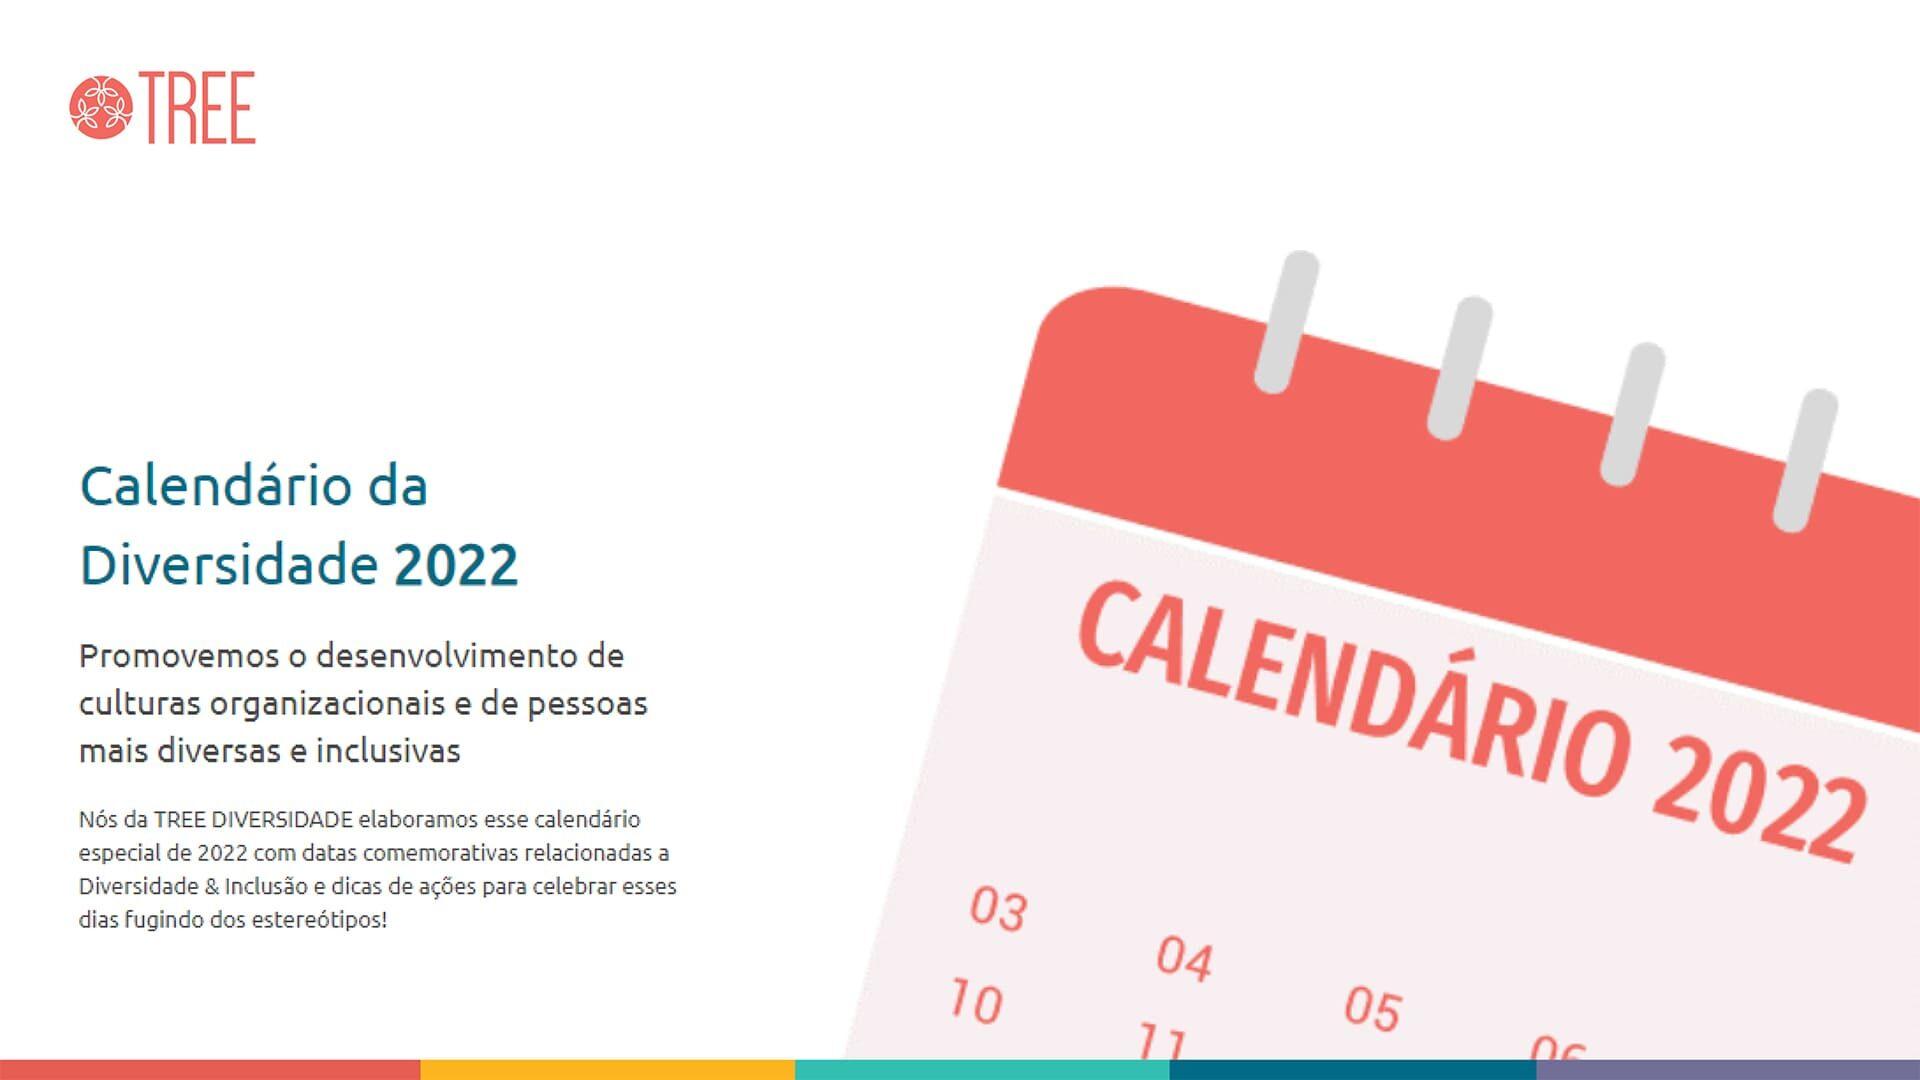 Reprodução da arte com o logotipo Tree. O título: Calendário da Diversidade 2022. E texto descrito na legenda.